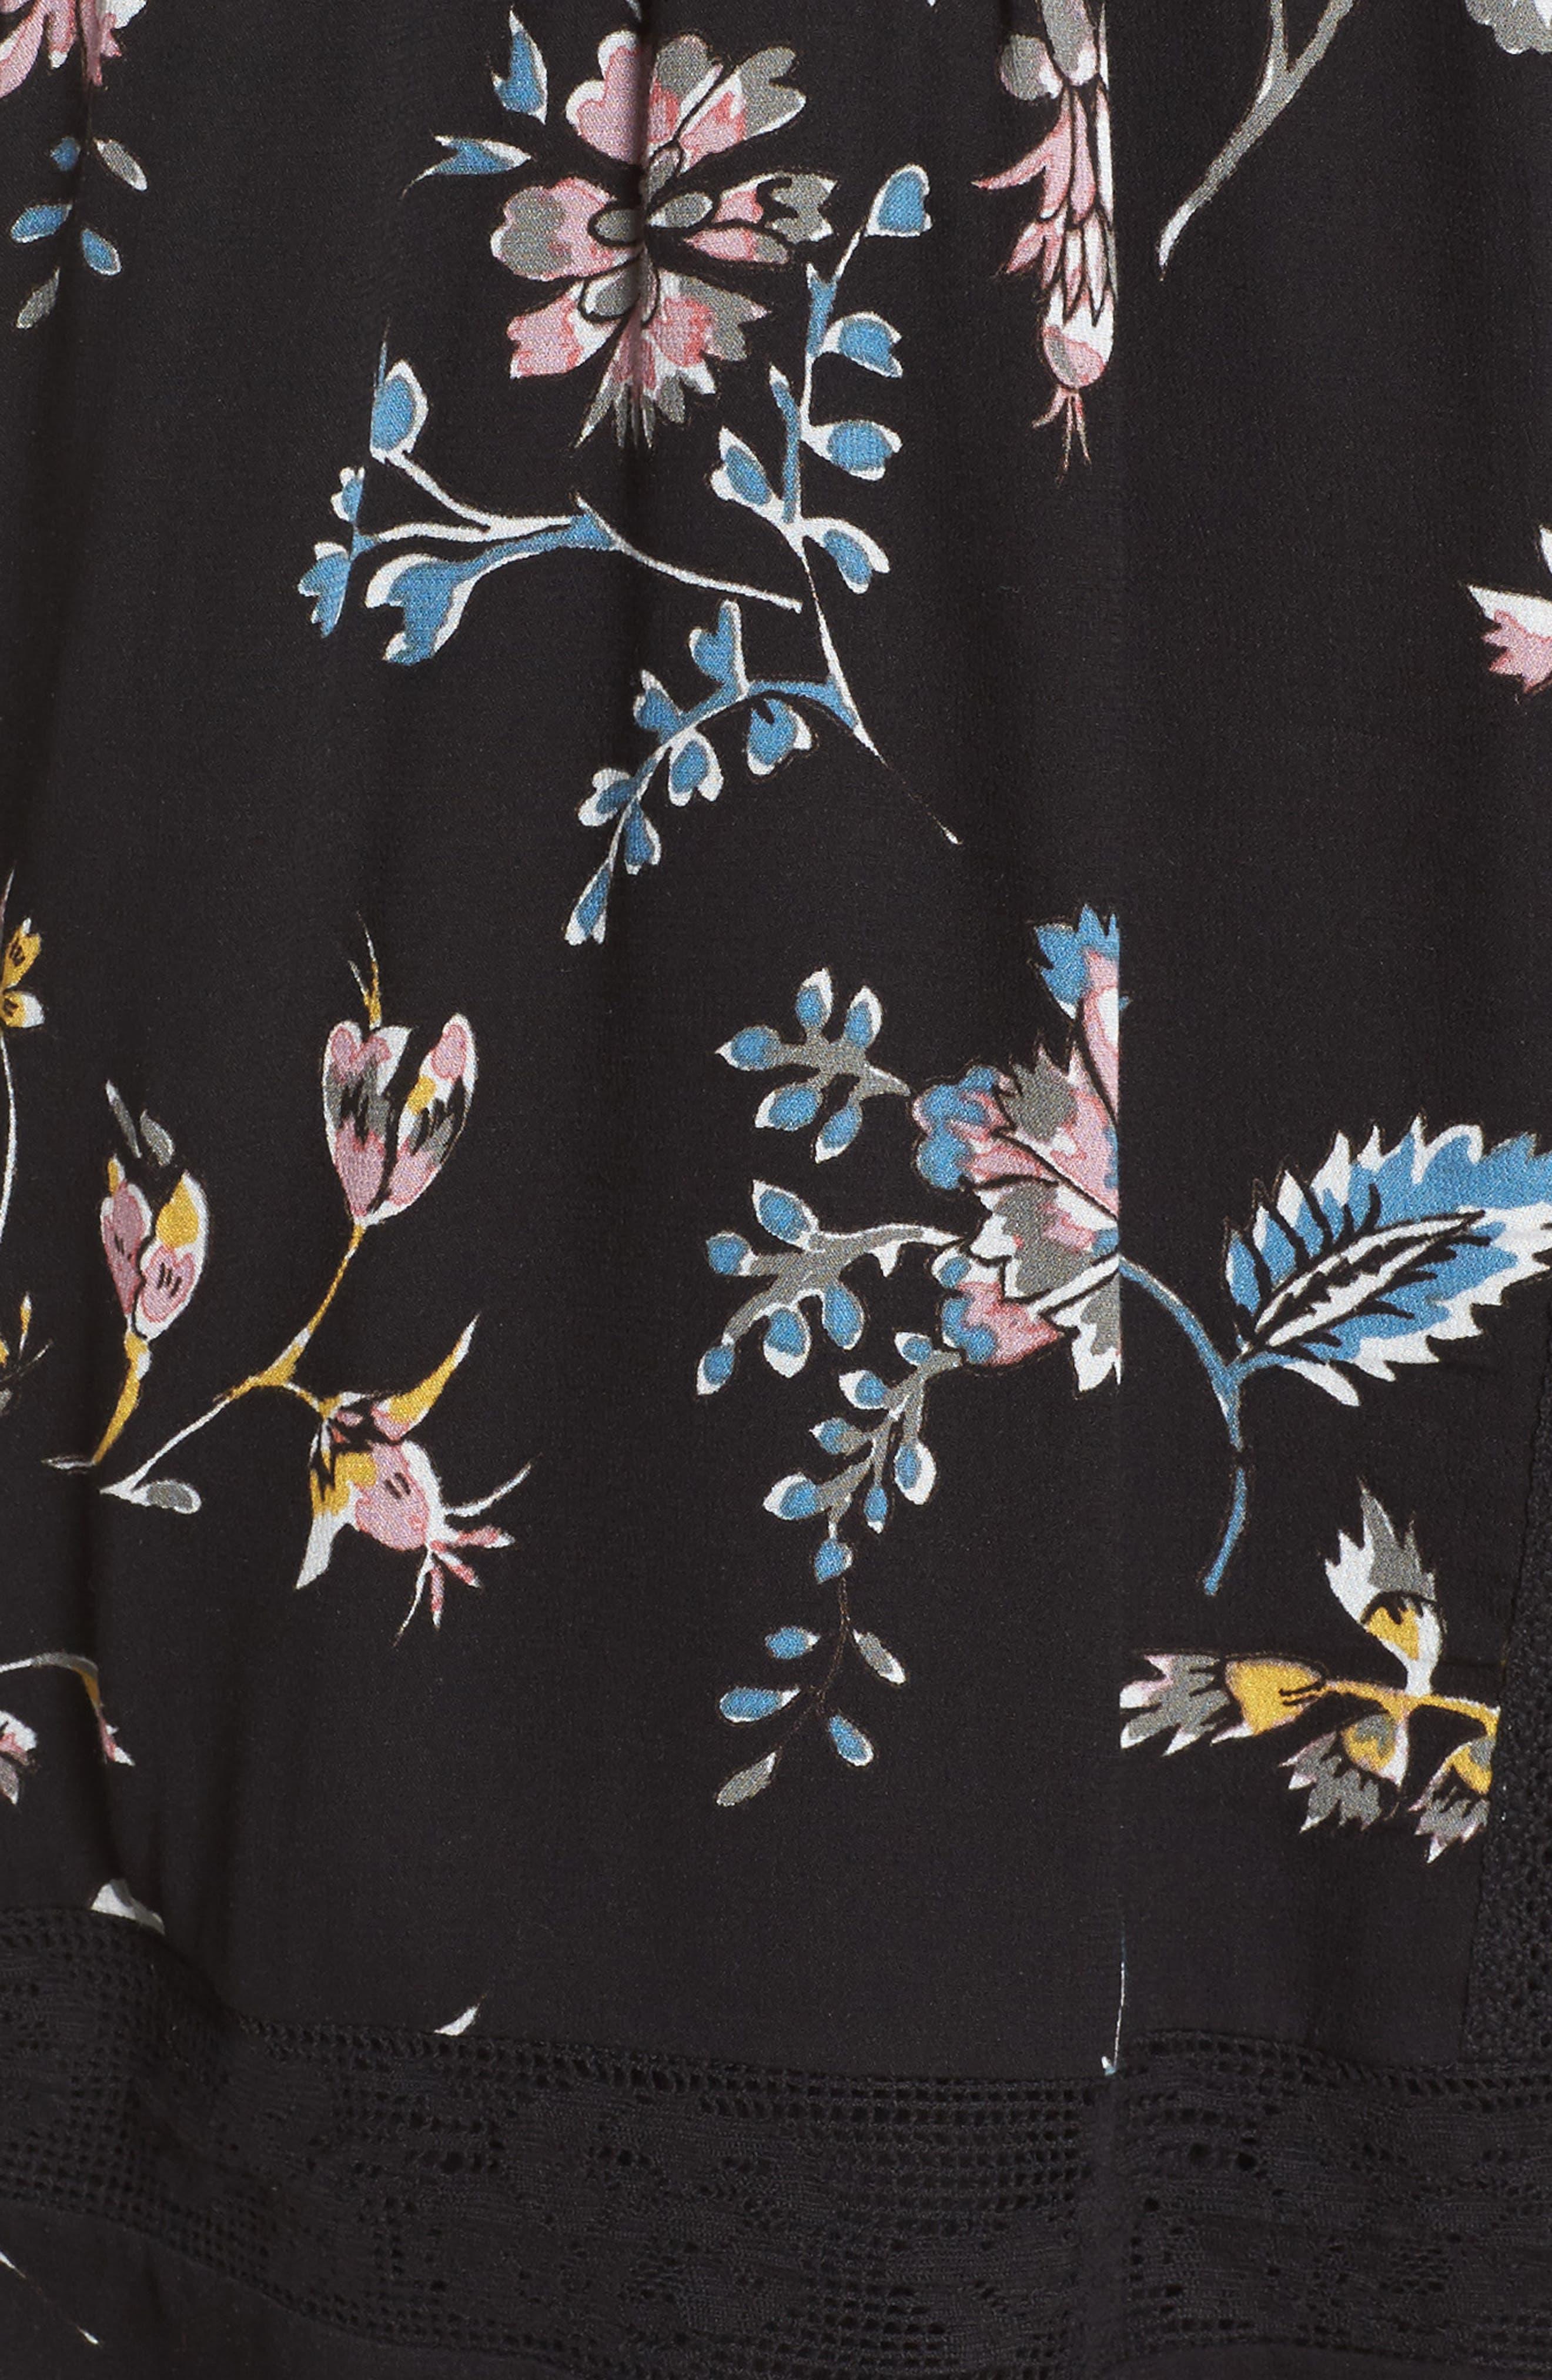 Lace Trim Floral Top,                             Alternate thumbnail 5, color,                             009